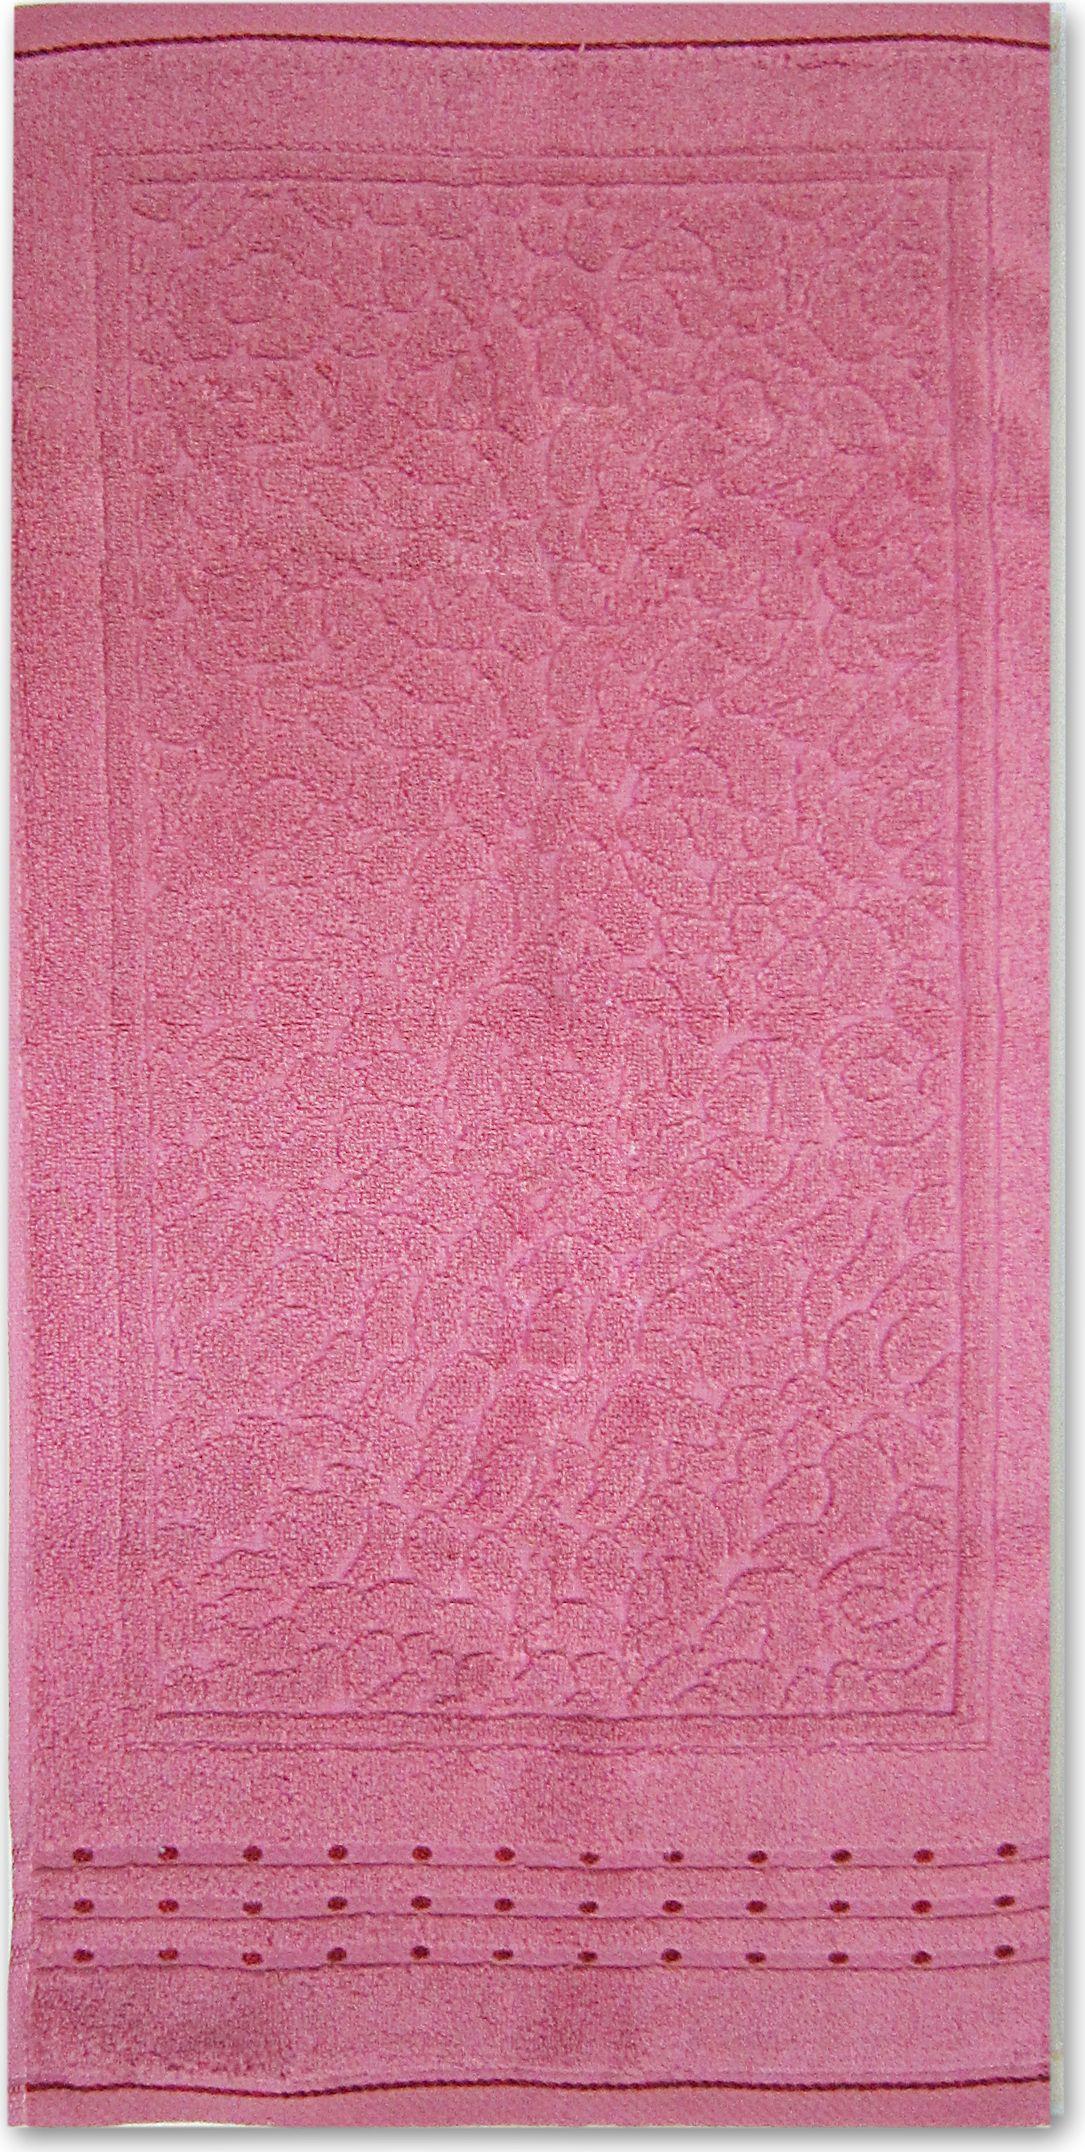 Полотенце махровое НВ Морион, цвет: персиковый, 70 х 130 см. м0742_1285545